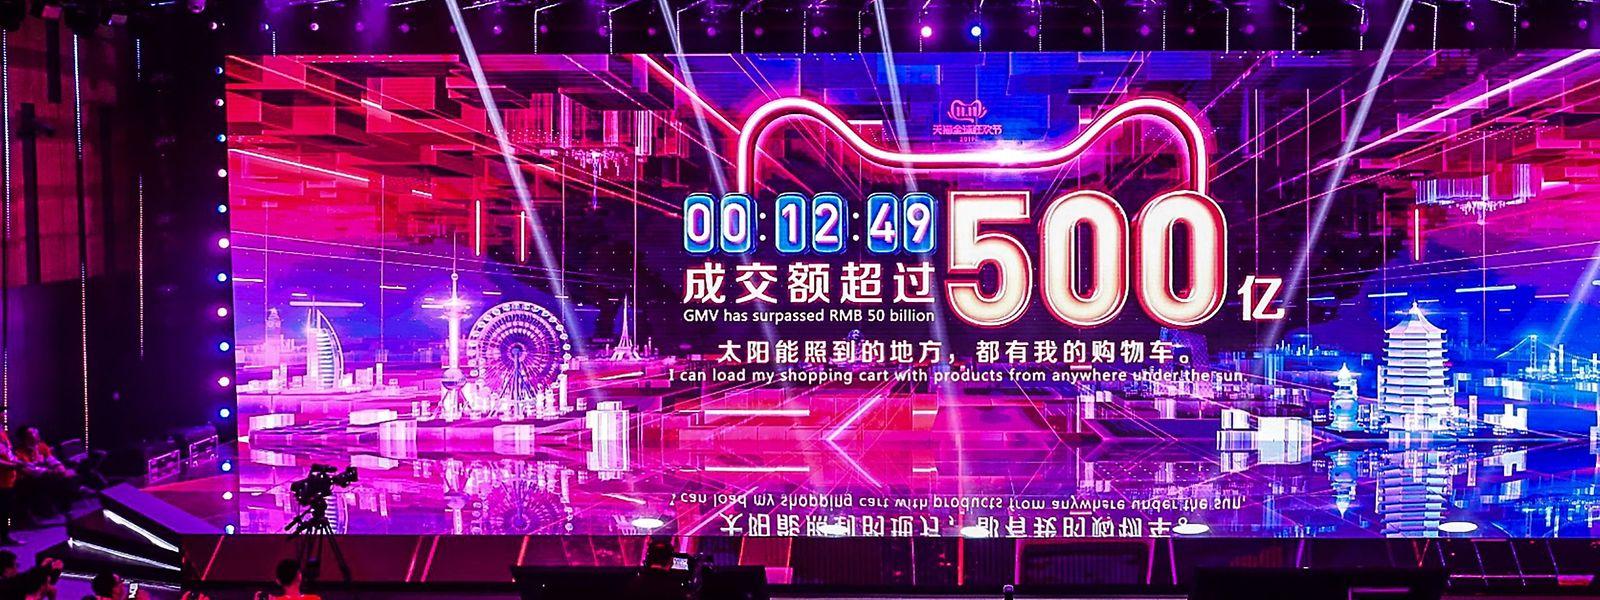 La montée du chiffre d'affaires était à suivre en direct au cours d'un grand show à la gloire du site marchand Alibaba.